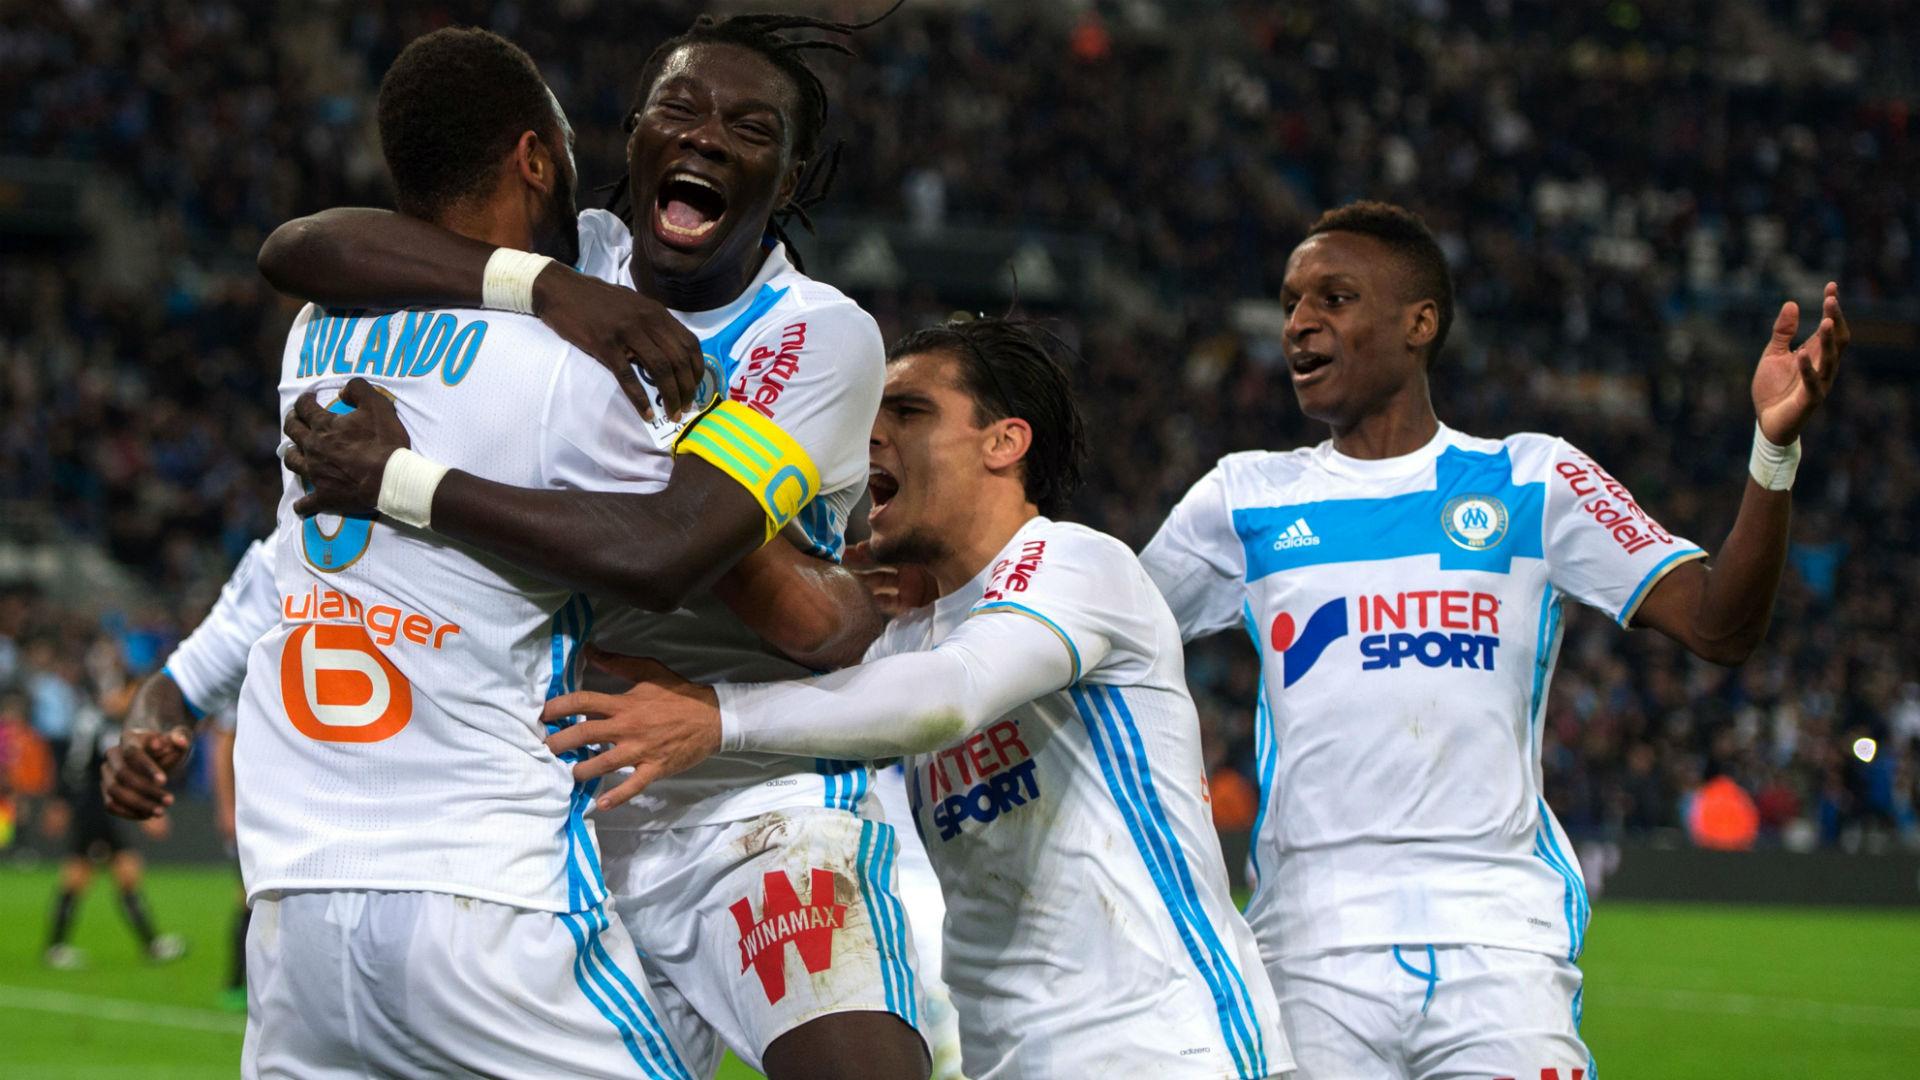 Bafetimbi Gomis Rolando Marseille Caen Ligue 1 20112016